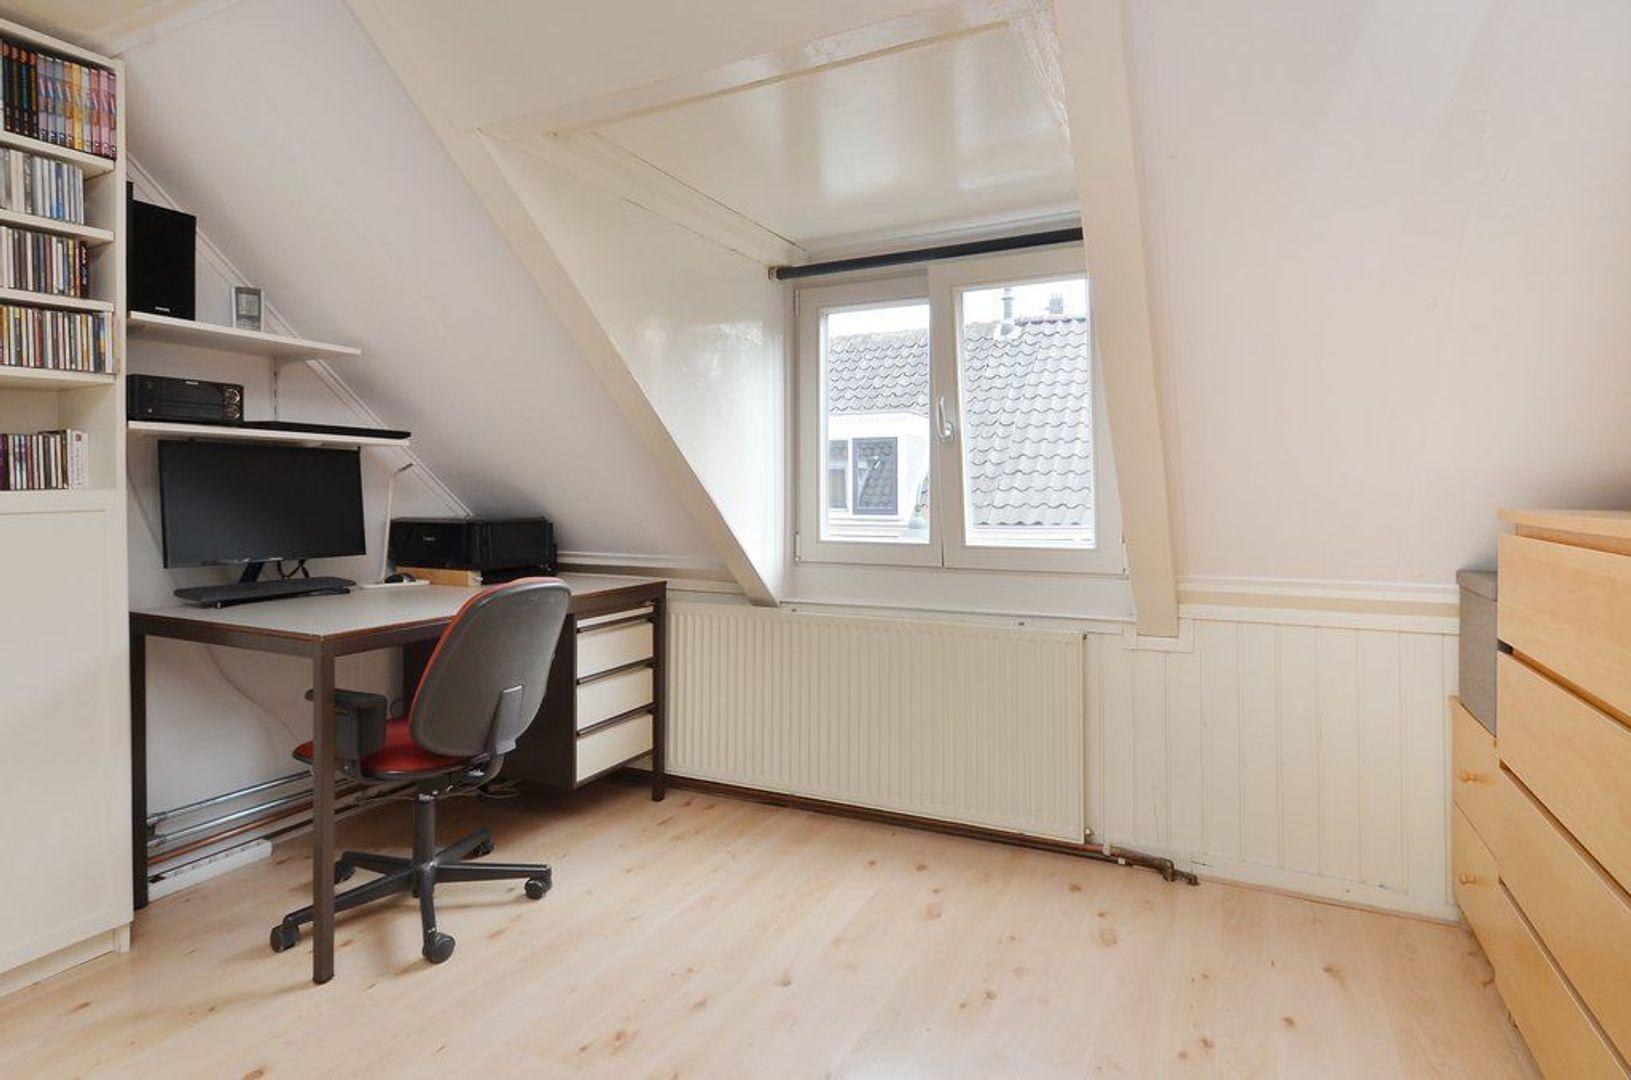 Minderbroerstraat 24, Delft foto-20